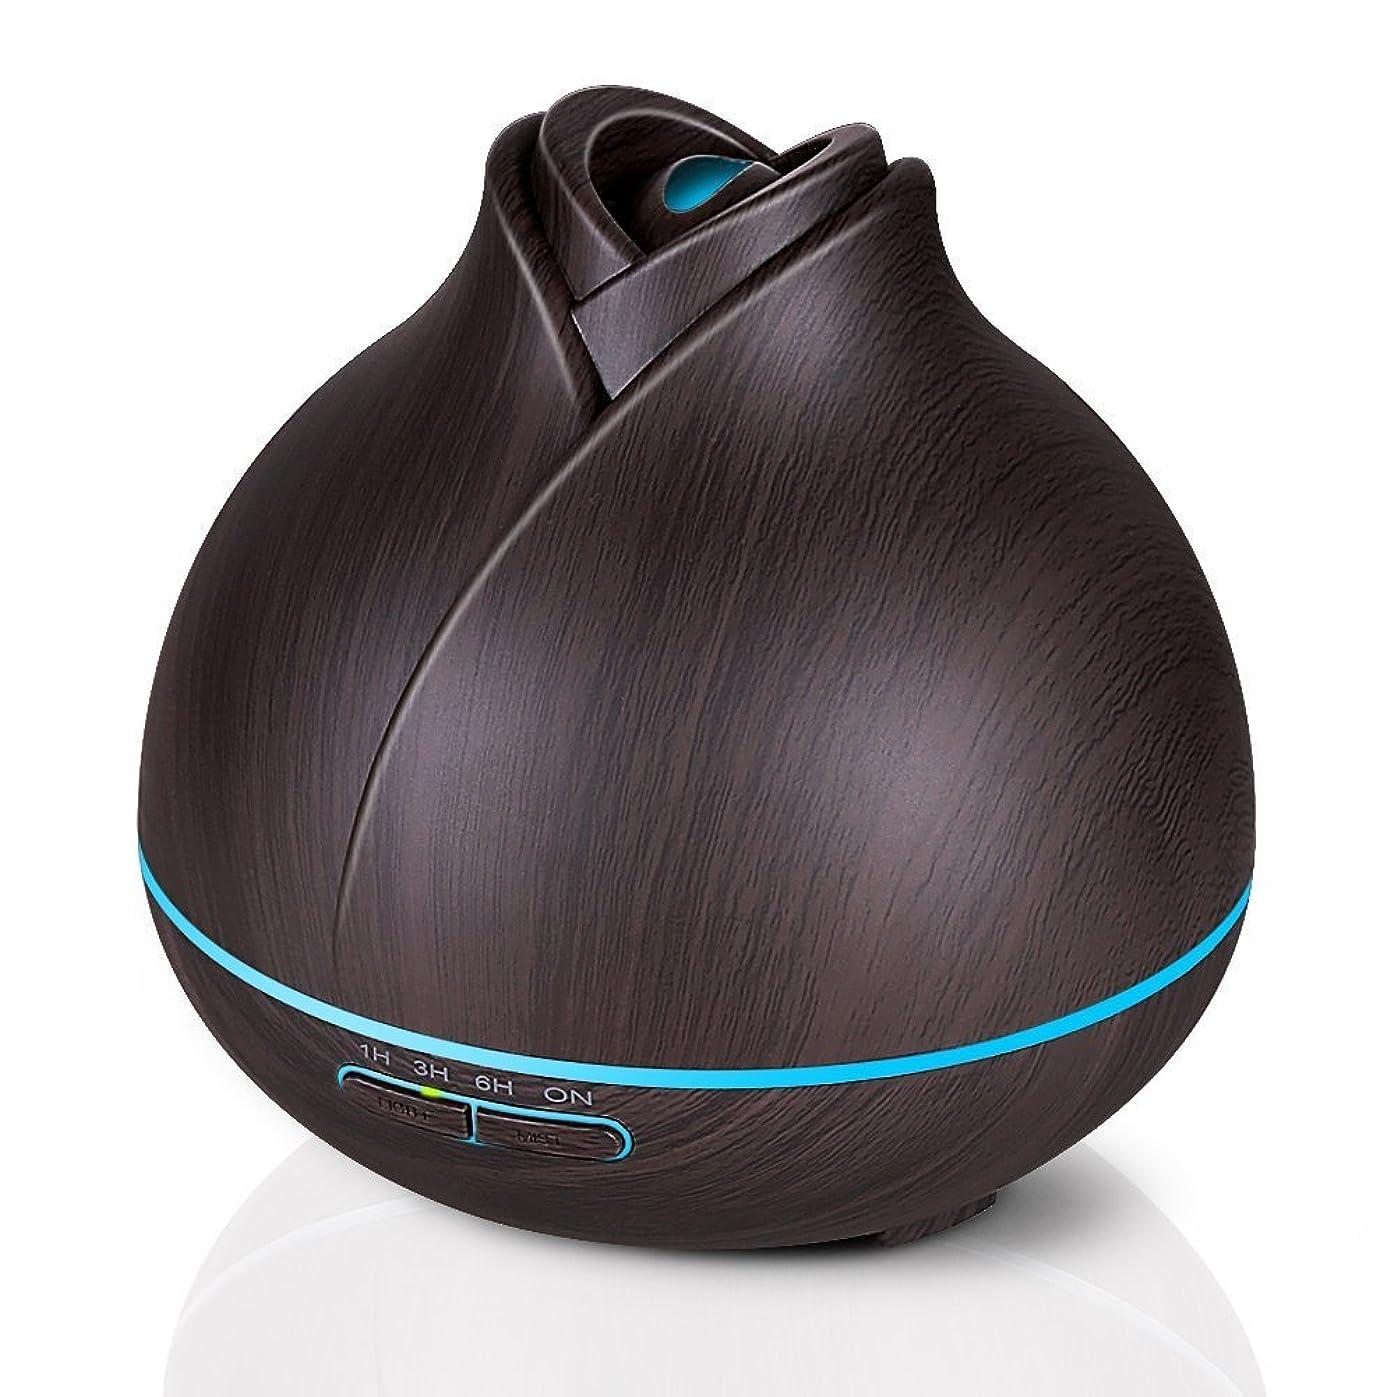 欠席マラウイ結果として400ミリリットル木目調アロマセラピーディフューザーエッセンシャルオイル用2ミストモード4タイマー設定、静かな加湿器用寝室、ホーム、オフィス,deepgrain